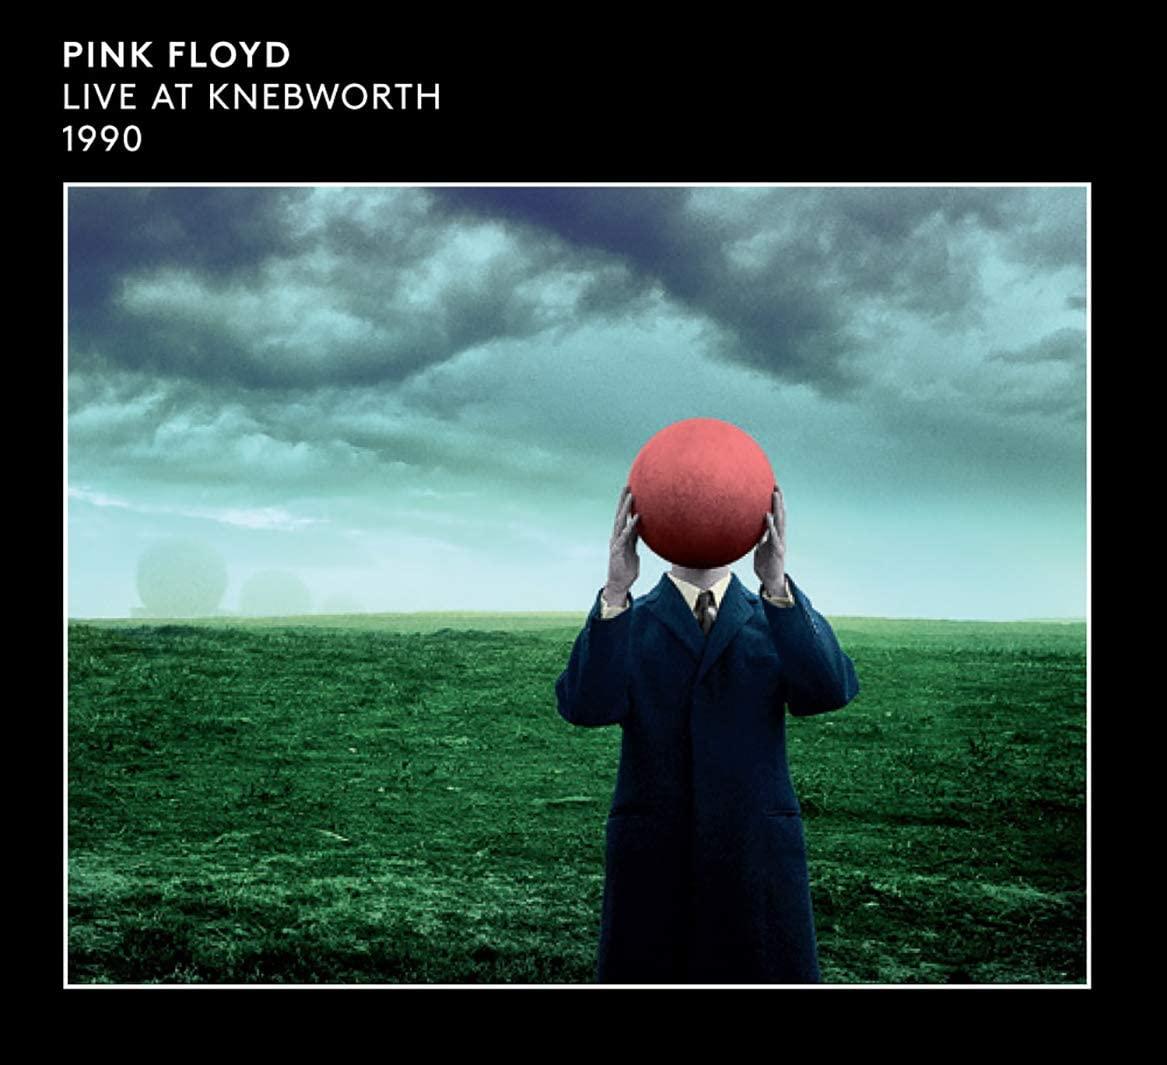 pink floud_knebworth